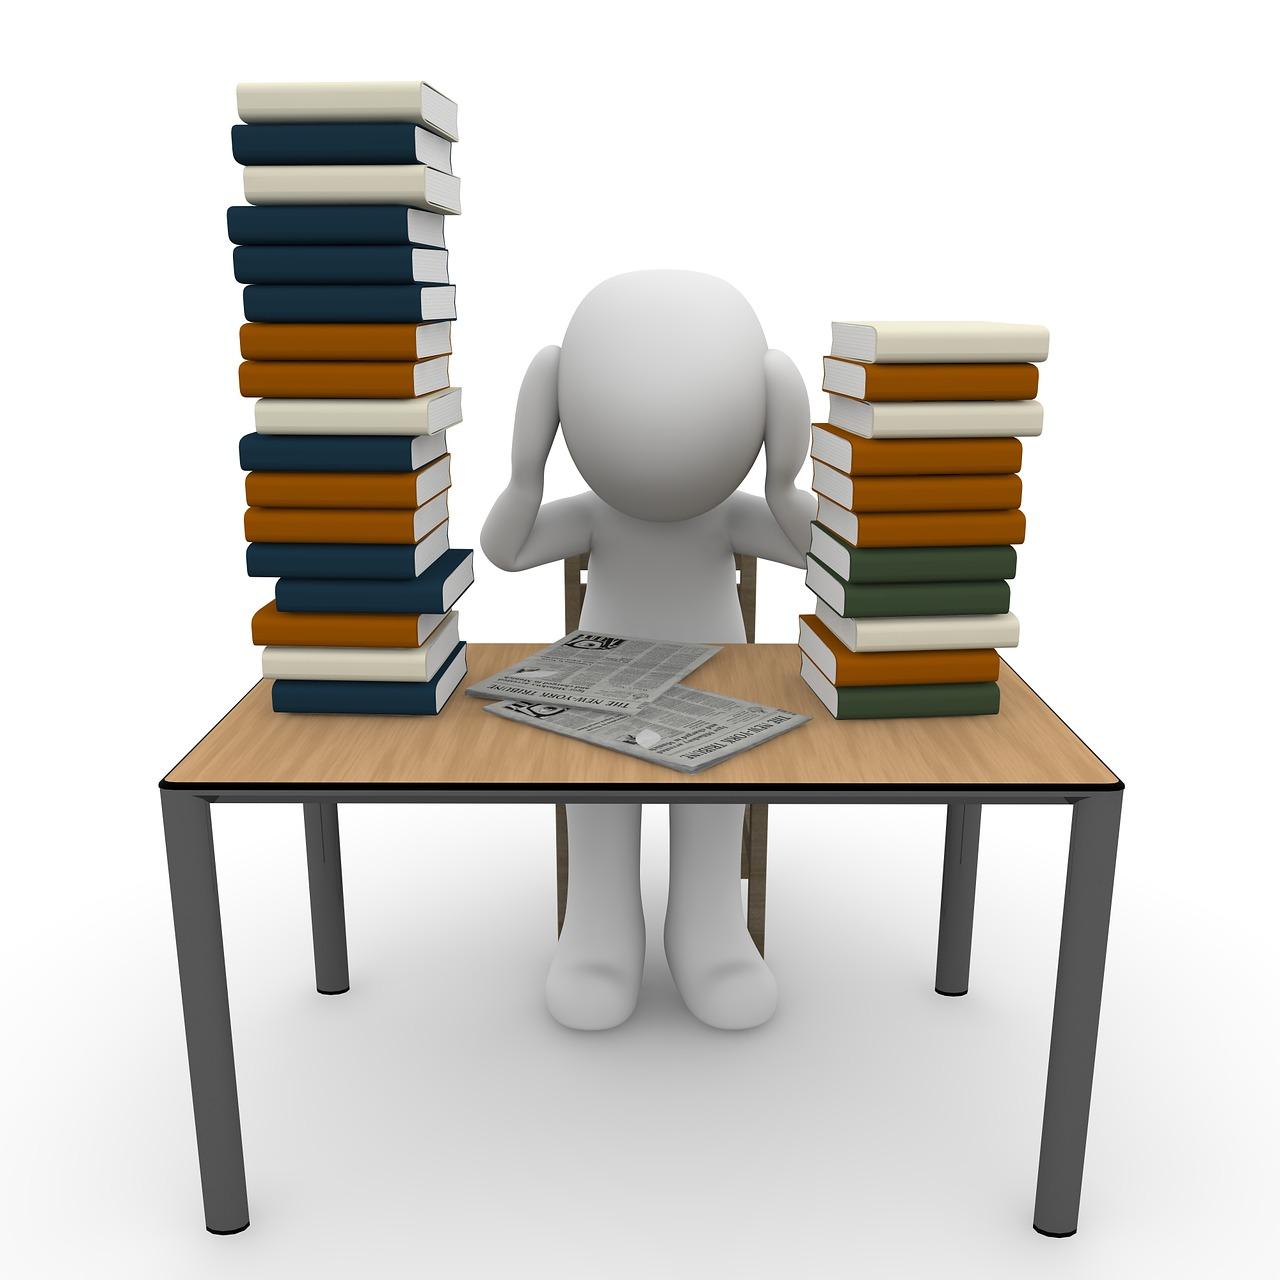 全国大学生協連(東京)が、1日の読書時間について、大学生の53%が「ゼロ」と回答したとの調査結果を発表